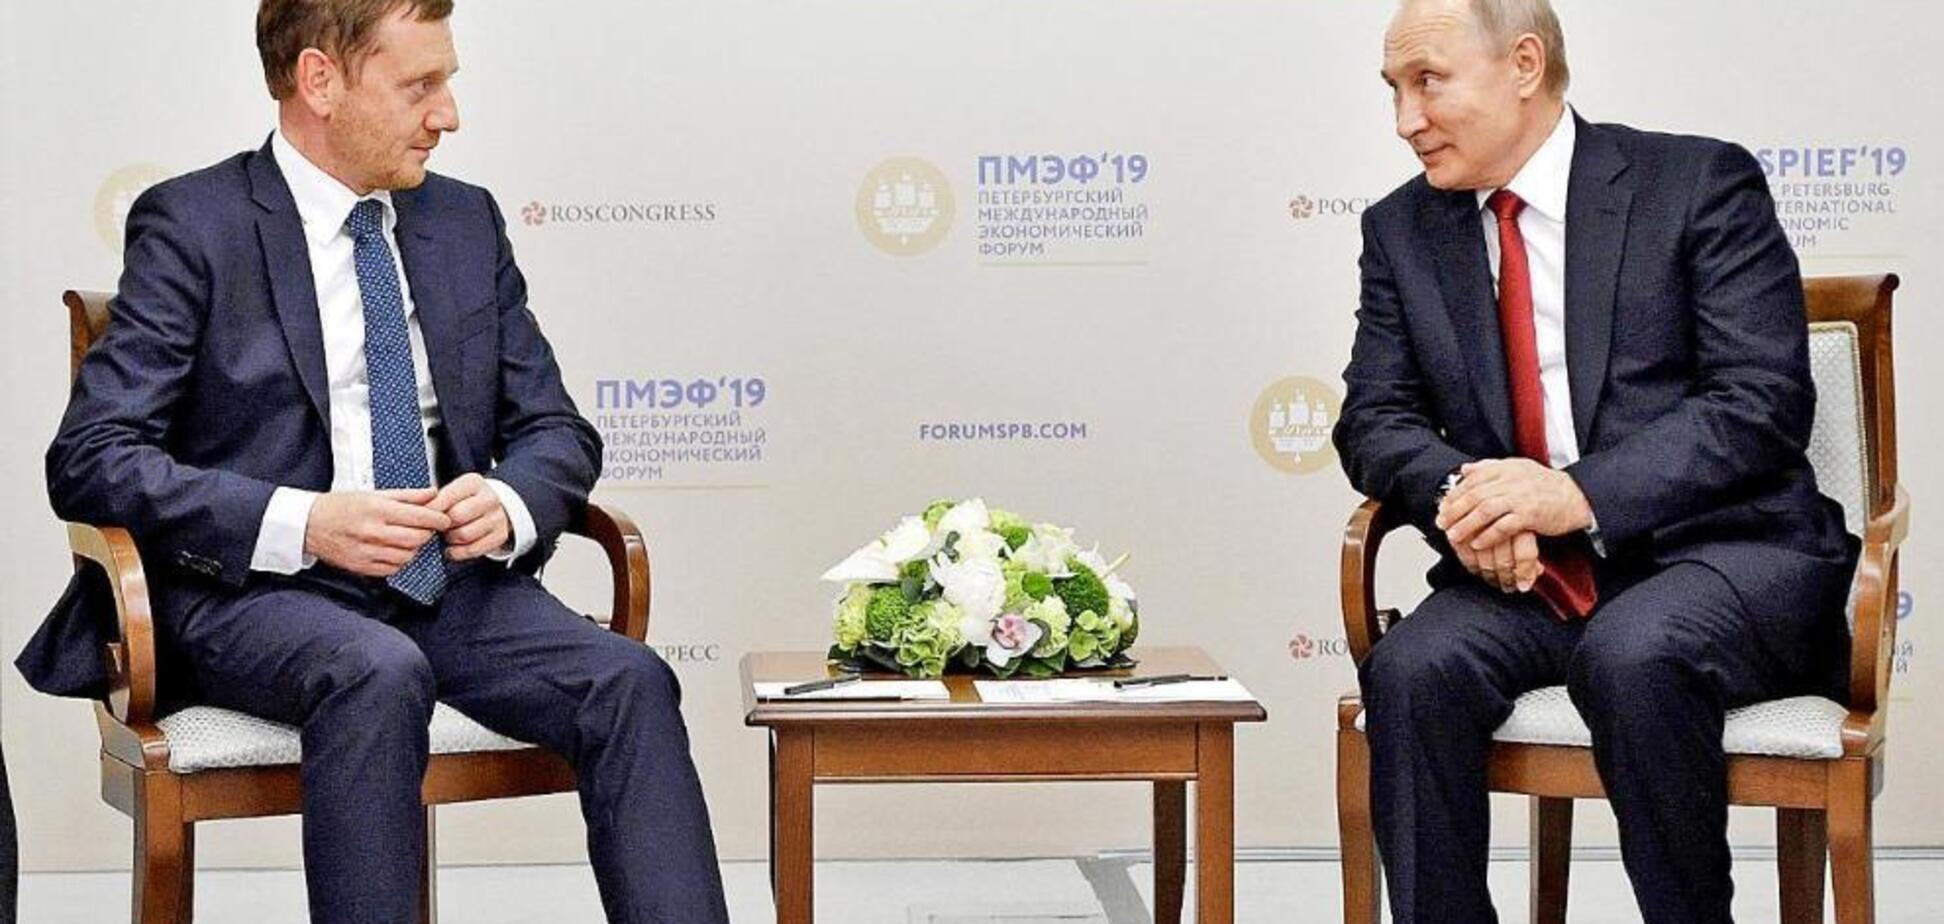 'Прогнувся перед Путіним': у Німеччині закликали скасувати санкції проти Росії